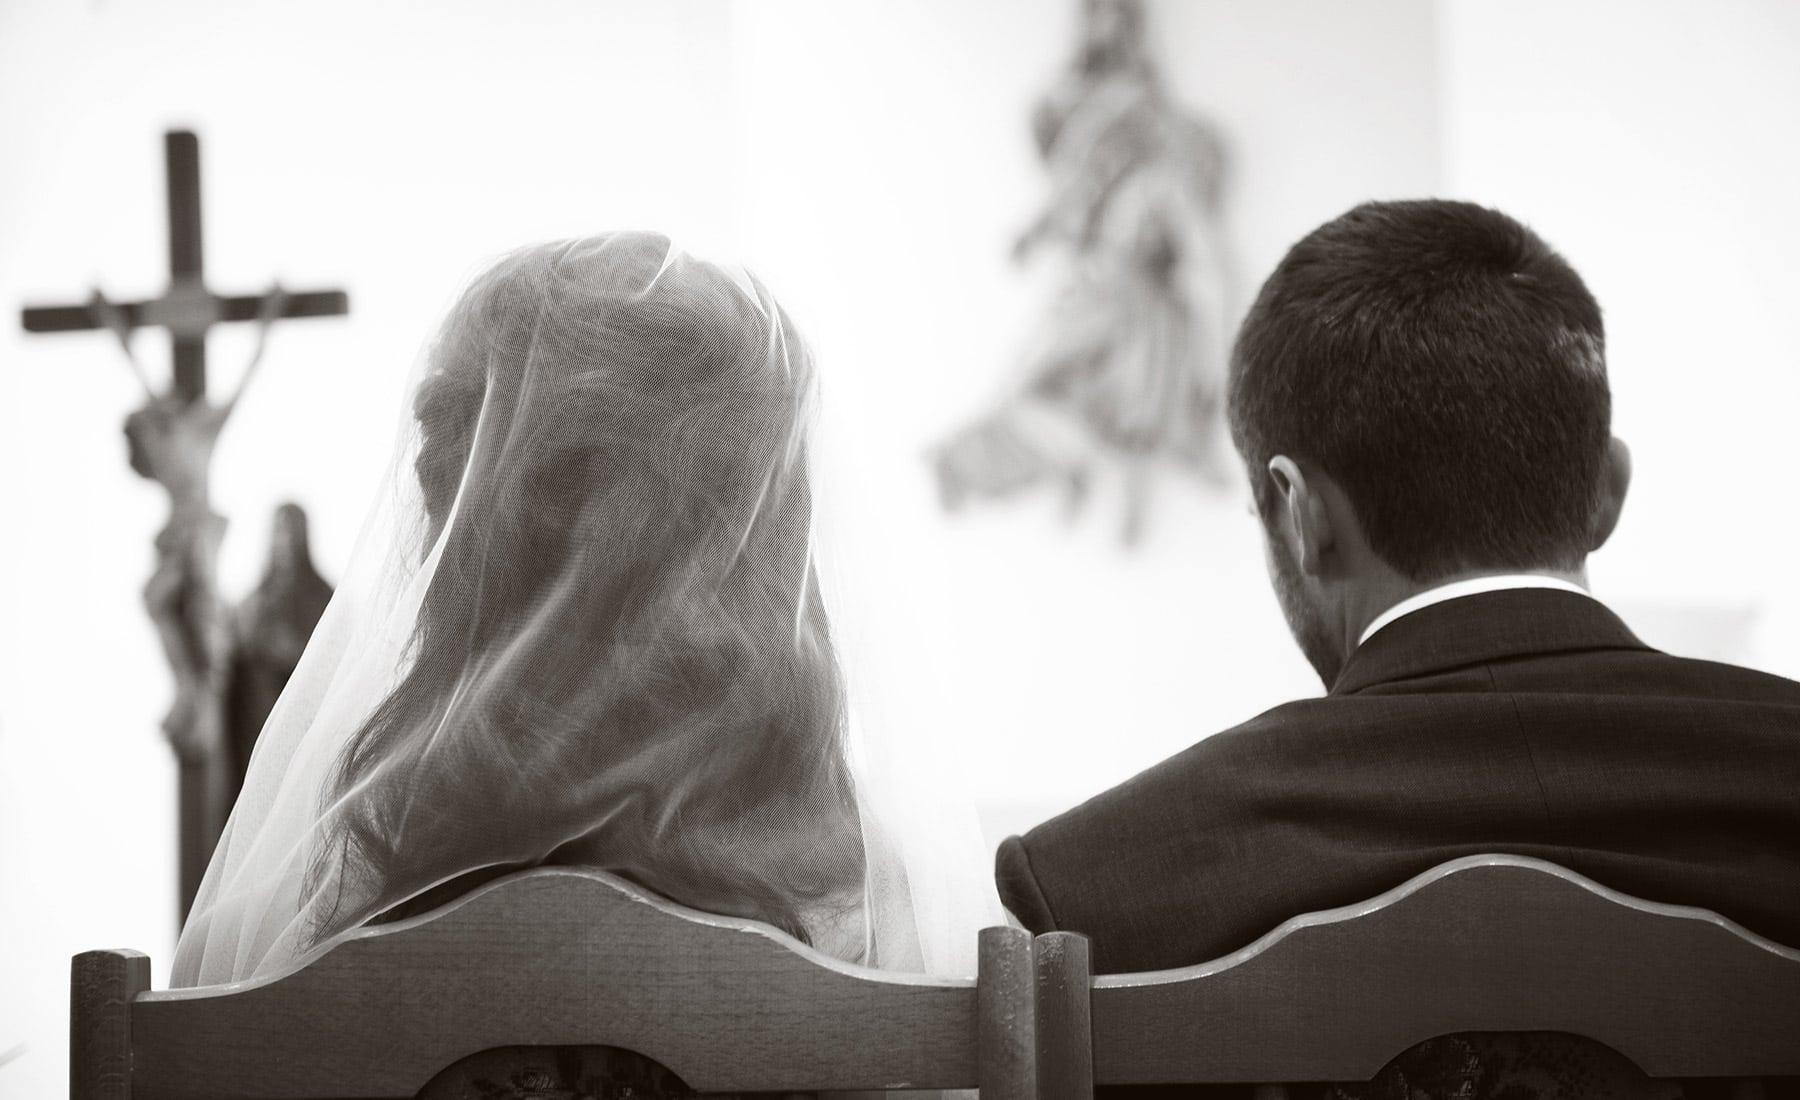 Matrimonio Catolico Valor : Los matrimonios católicos ya solo suponen un cuarto de todos los